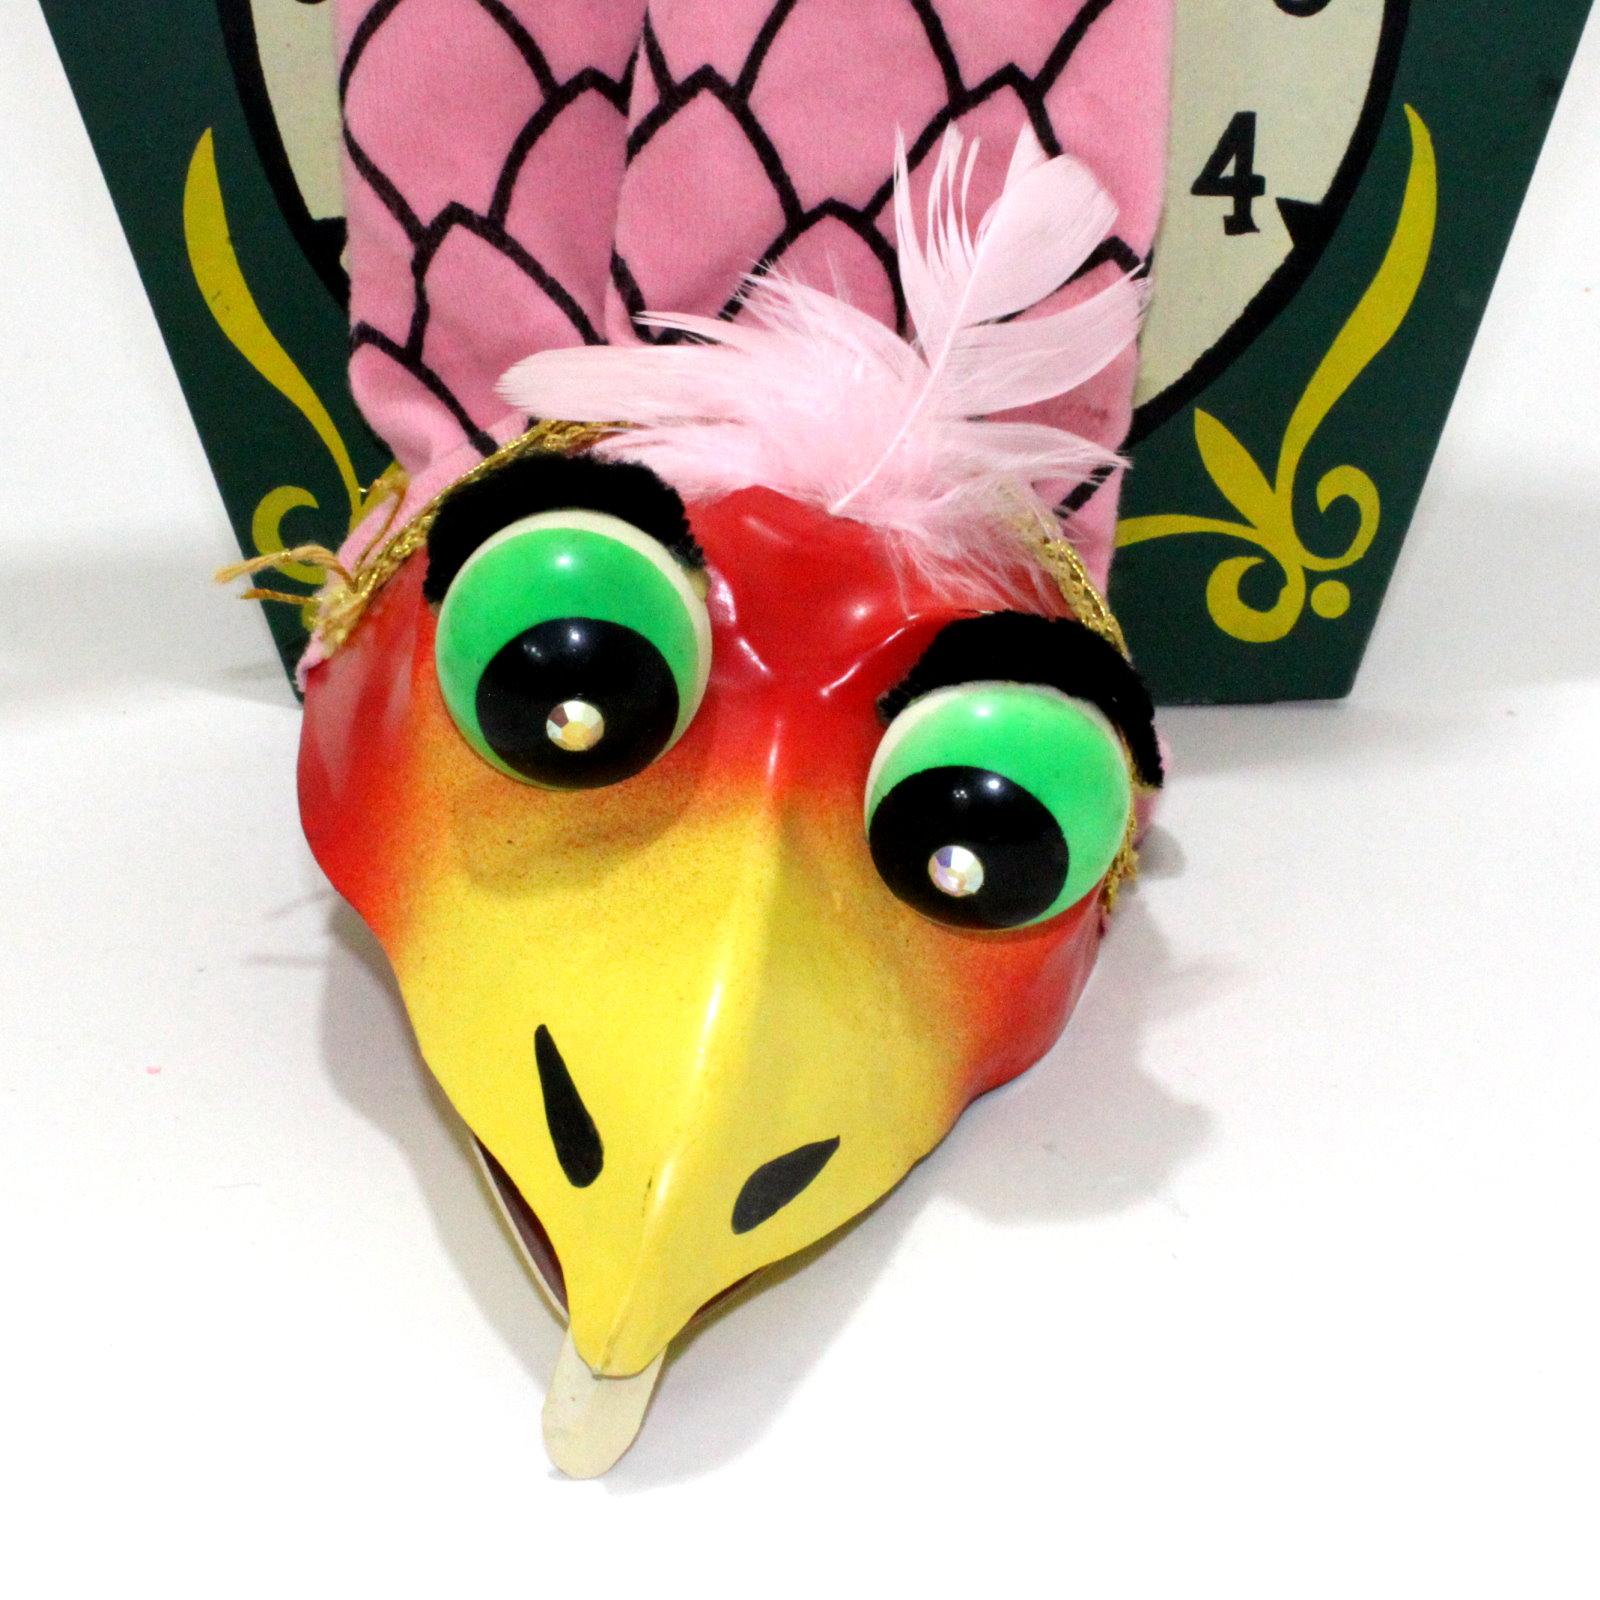 Foo Foo the Coo Coo Bird by Bob Kline